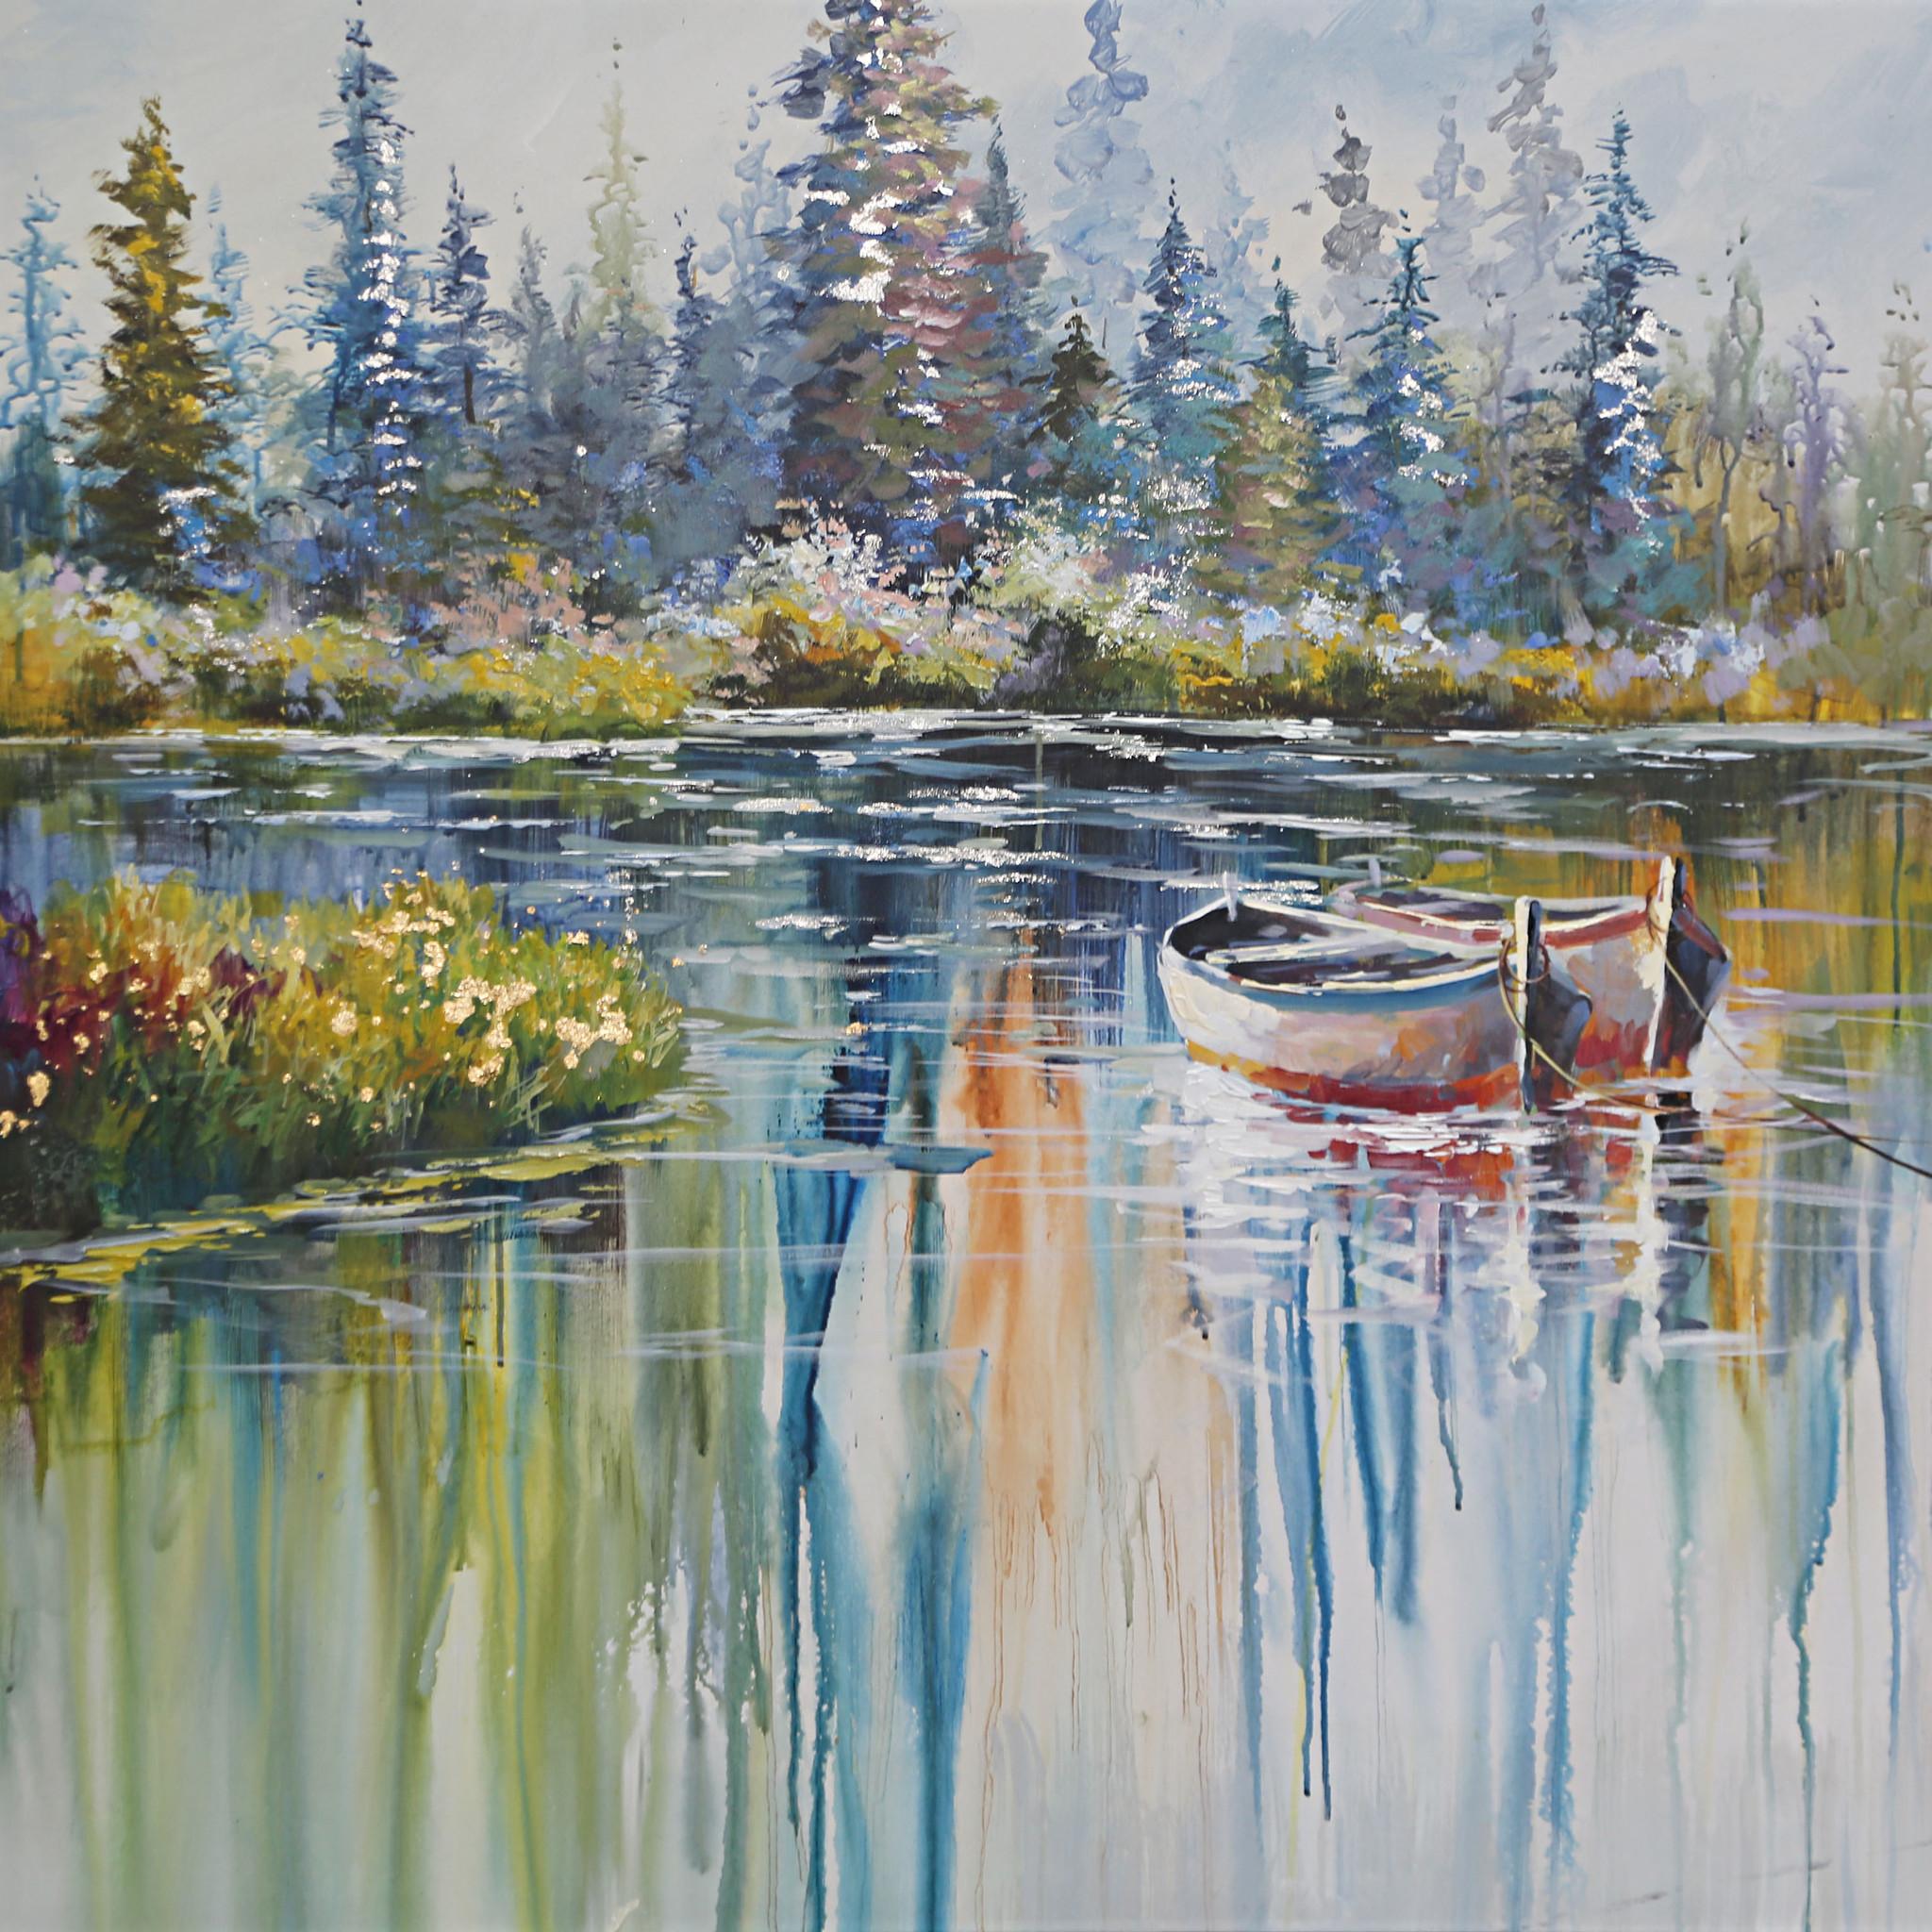 Schilderij - Handgeschilderd - In alle rust, boten op de rivier, olieverf, 100x100 cm.